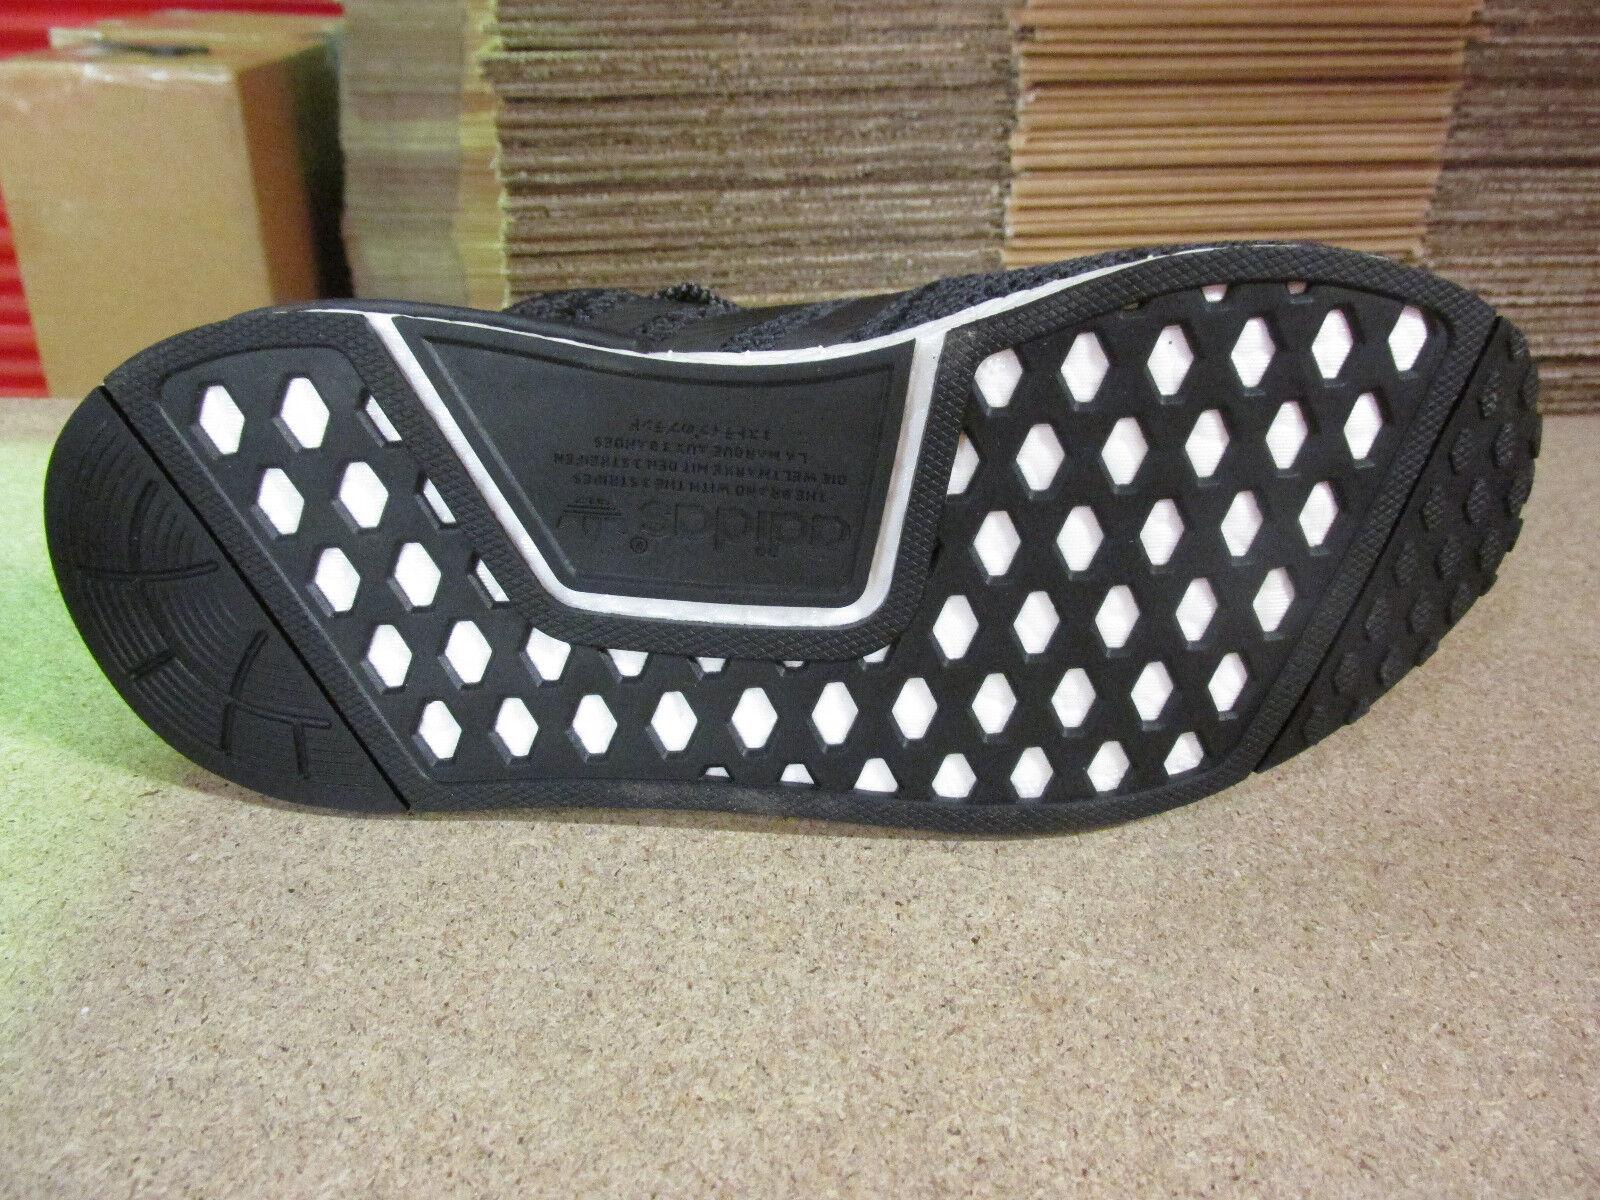 ADIDAS Originals NMD r1 scarpe da ginnastica Uomo Scarpe Scarpe Scarpe Scarpe da ginnastica b39505 07dfc4